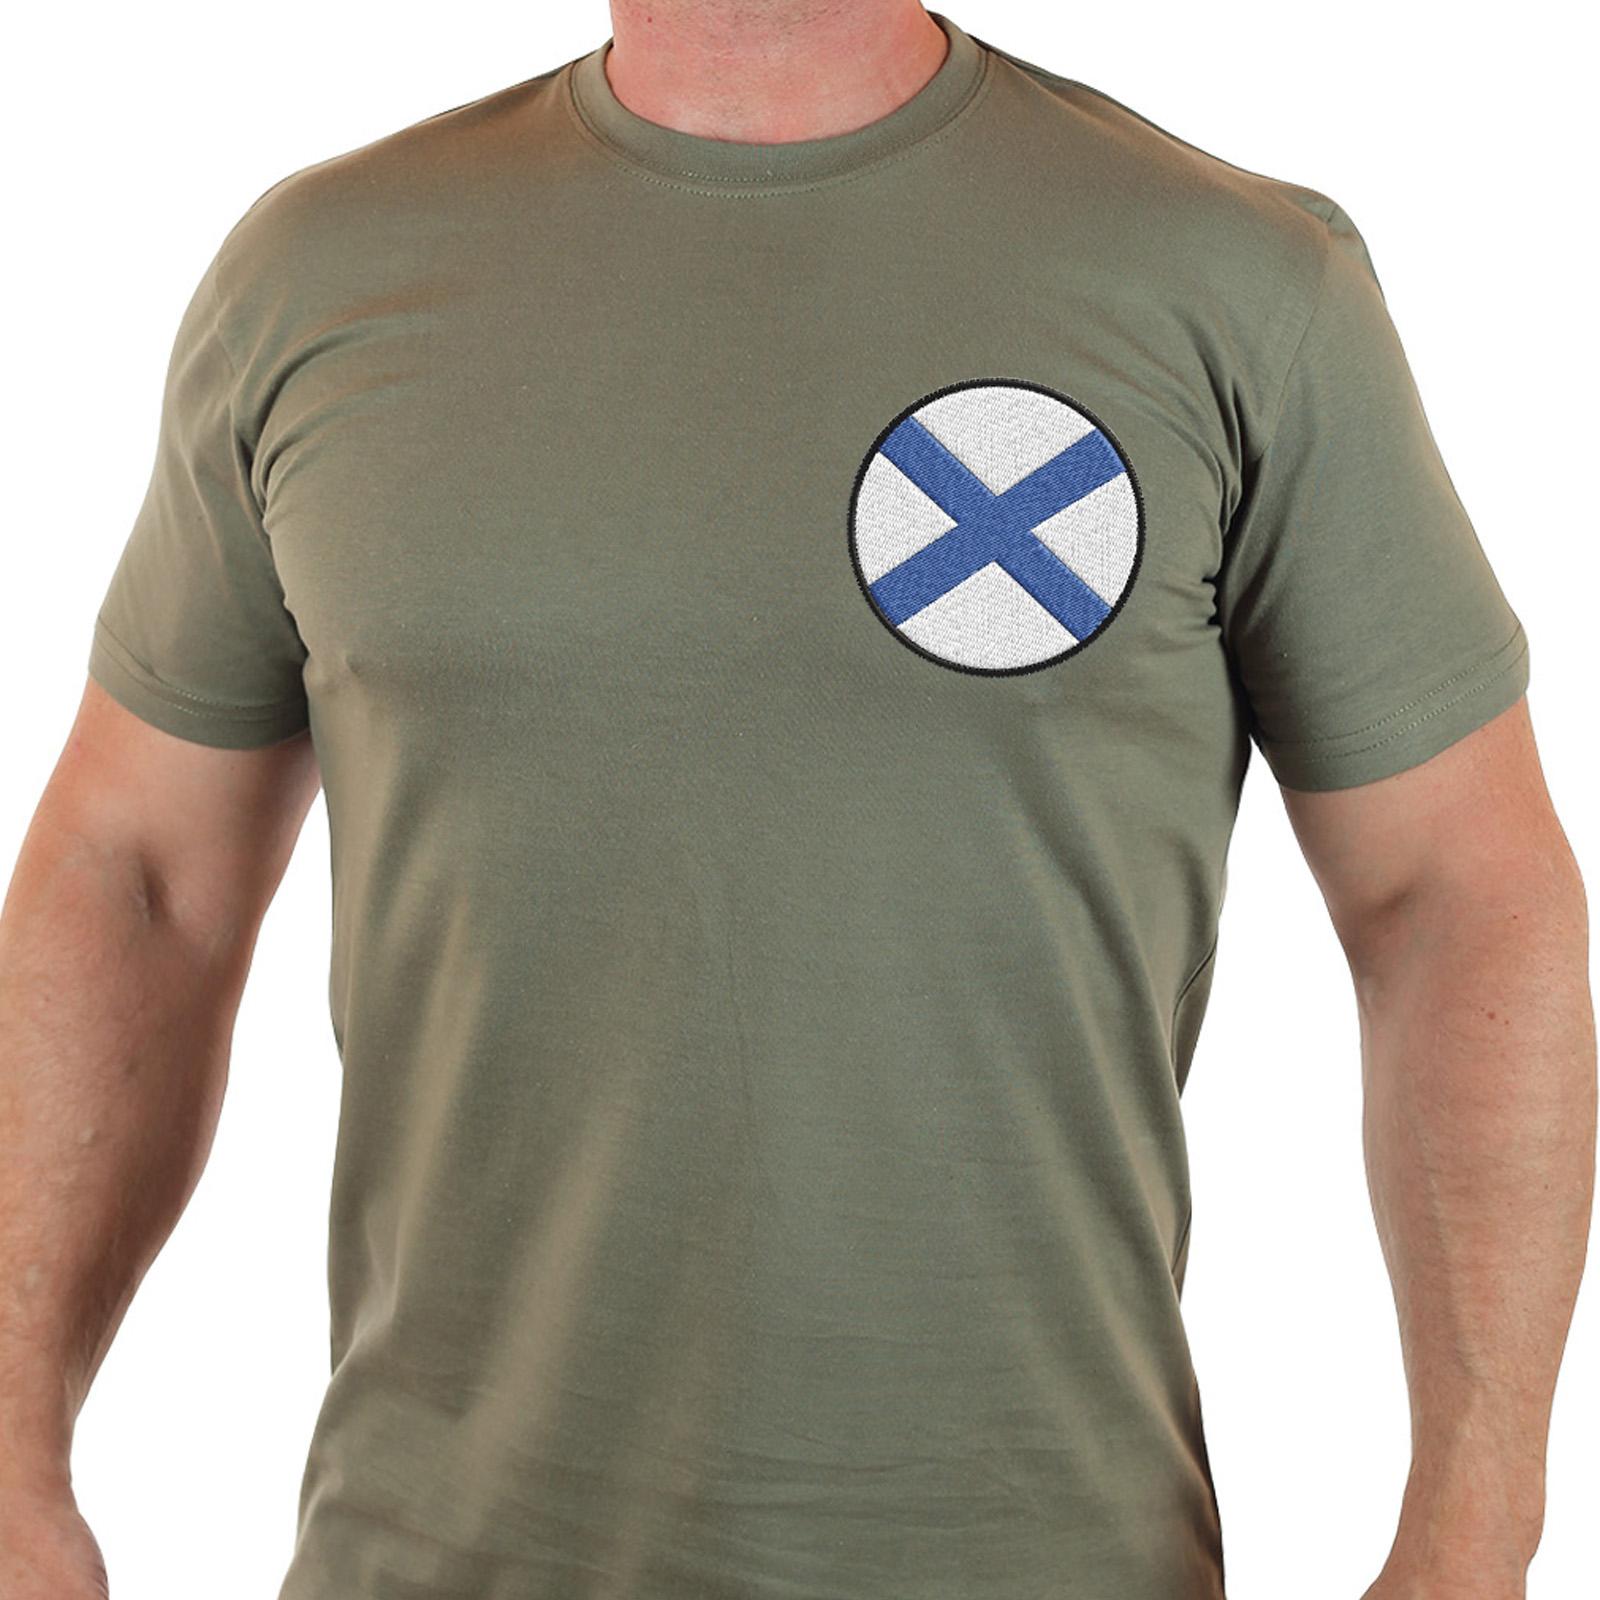 Хлопковая футболка с вышитым Андреевским фагом ВМФ